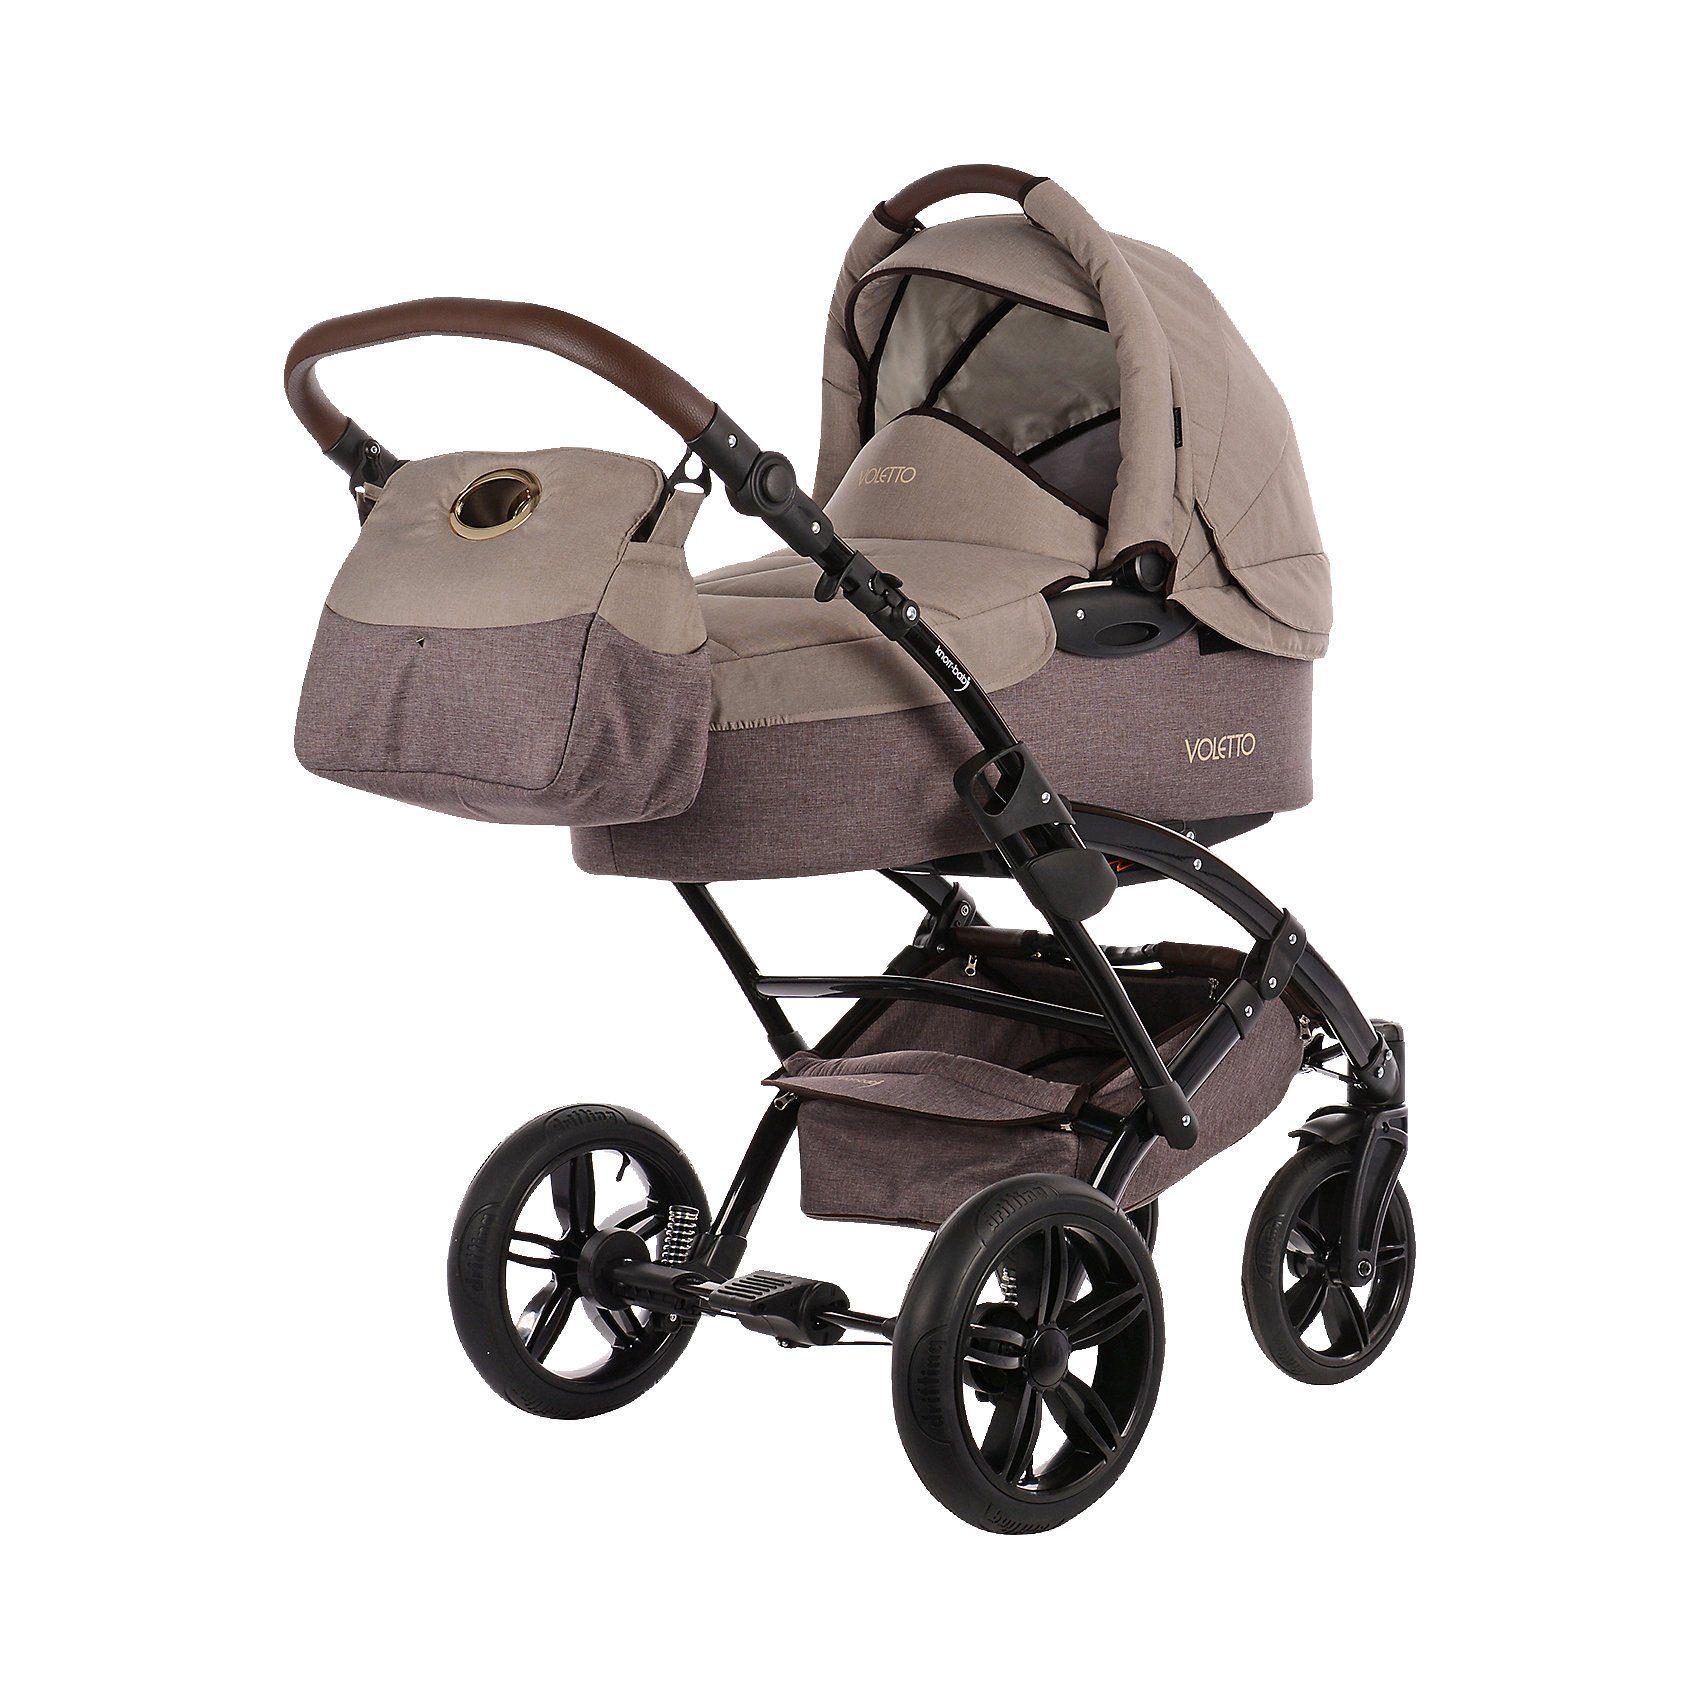 knorr-baby Kombi Kinderwagen Voletto Happy Colour mit Wickeltasche, bei